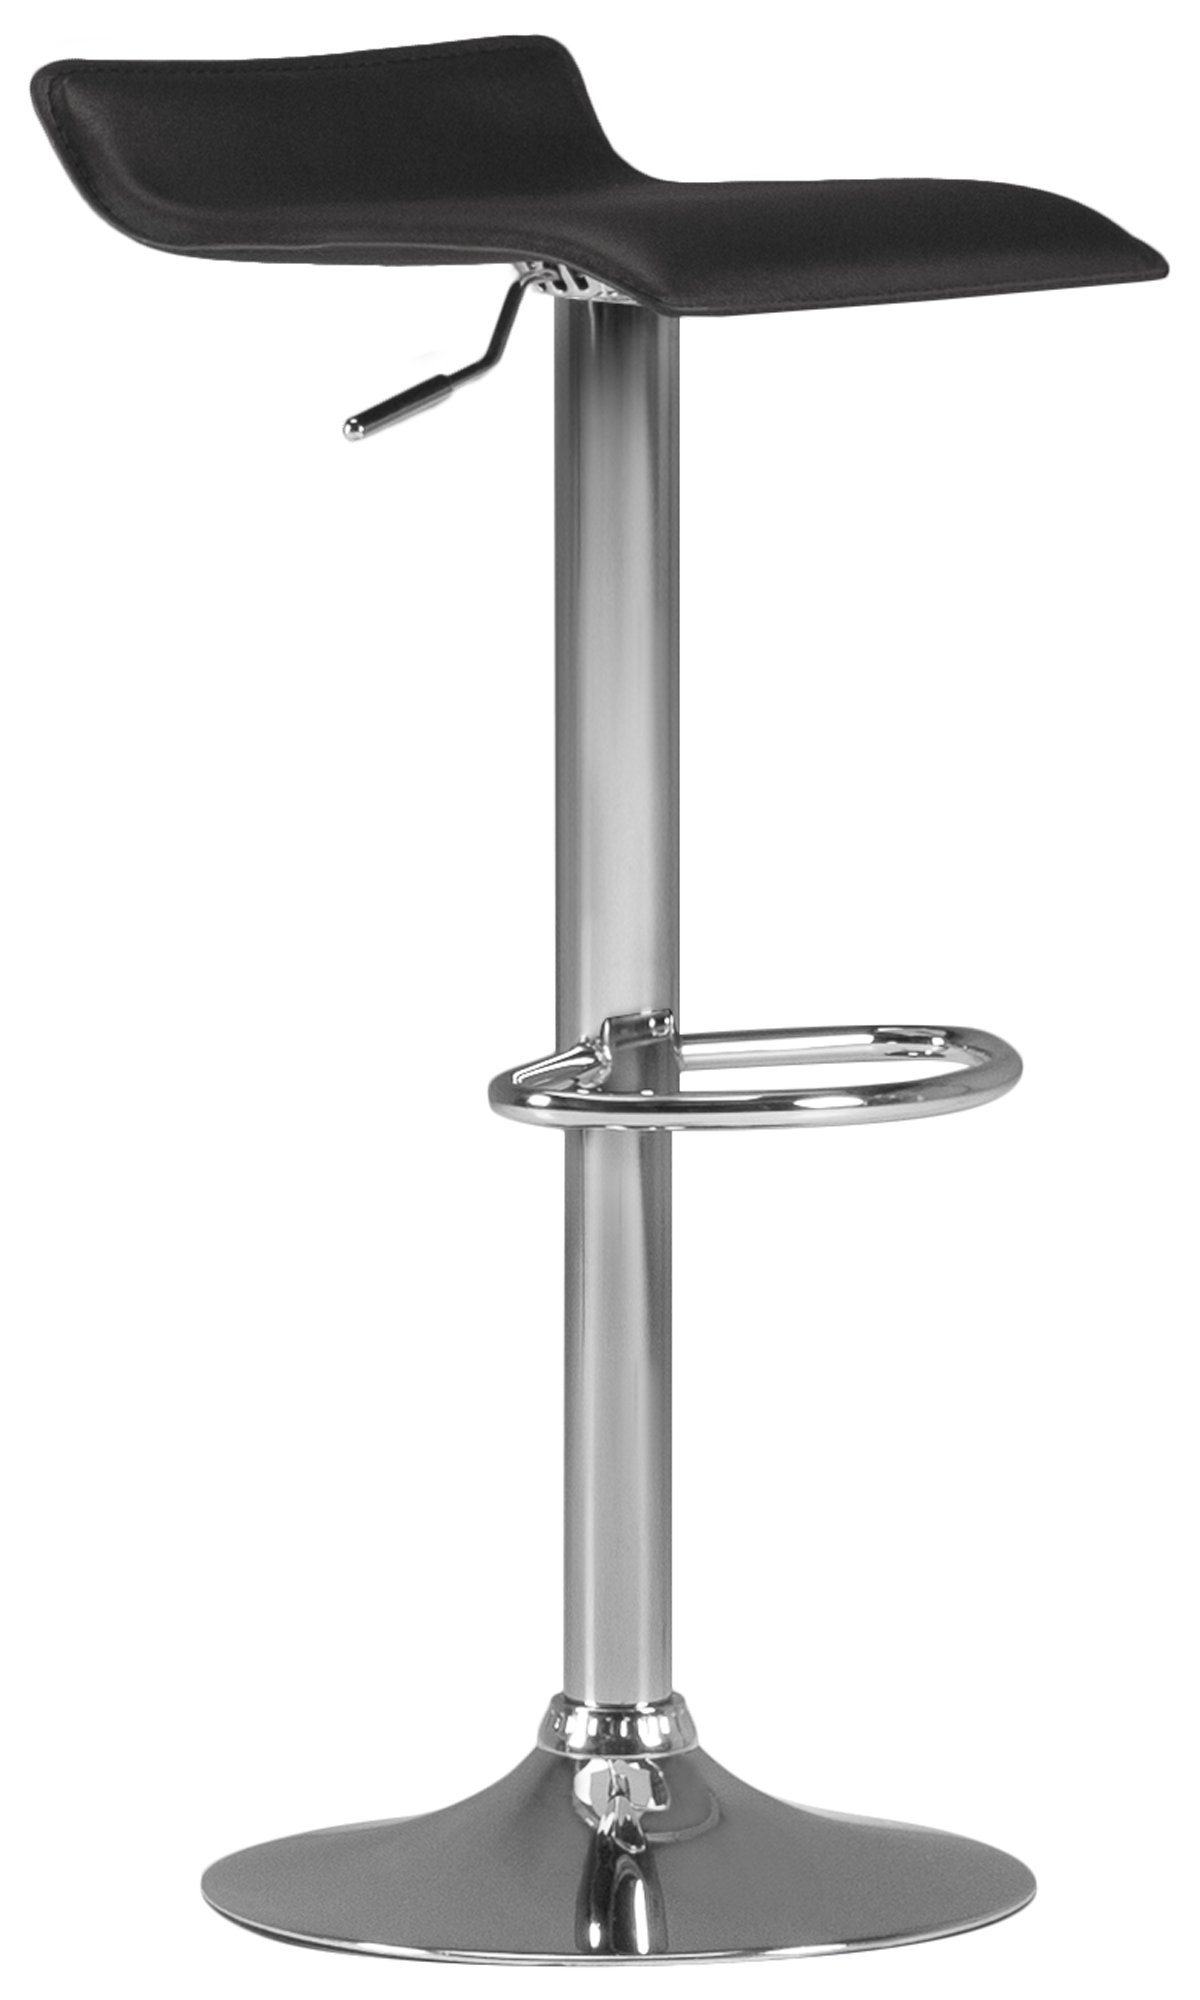 Colton Black Adjustable Stool